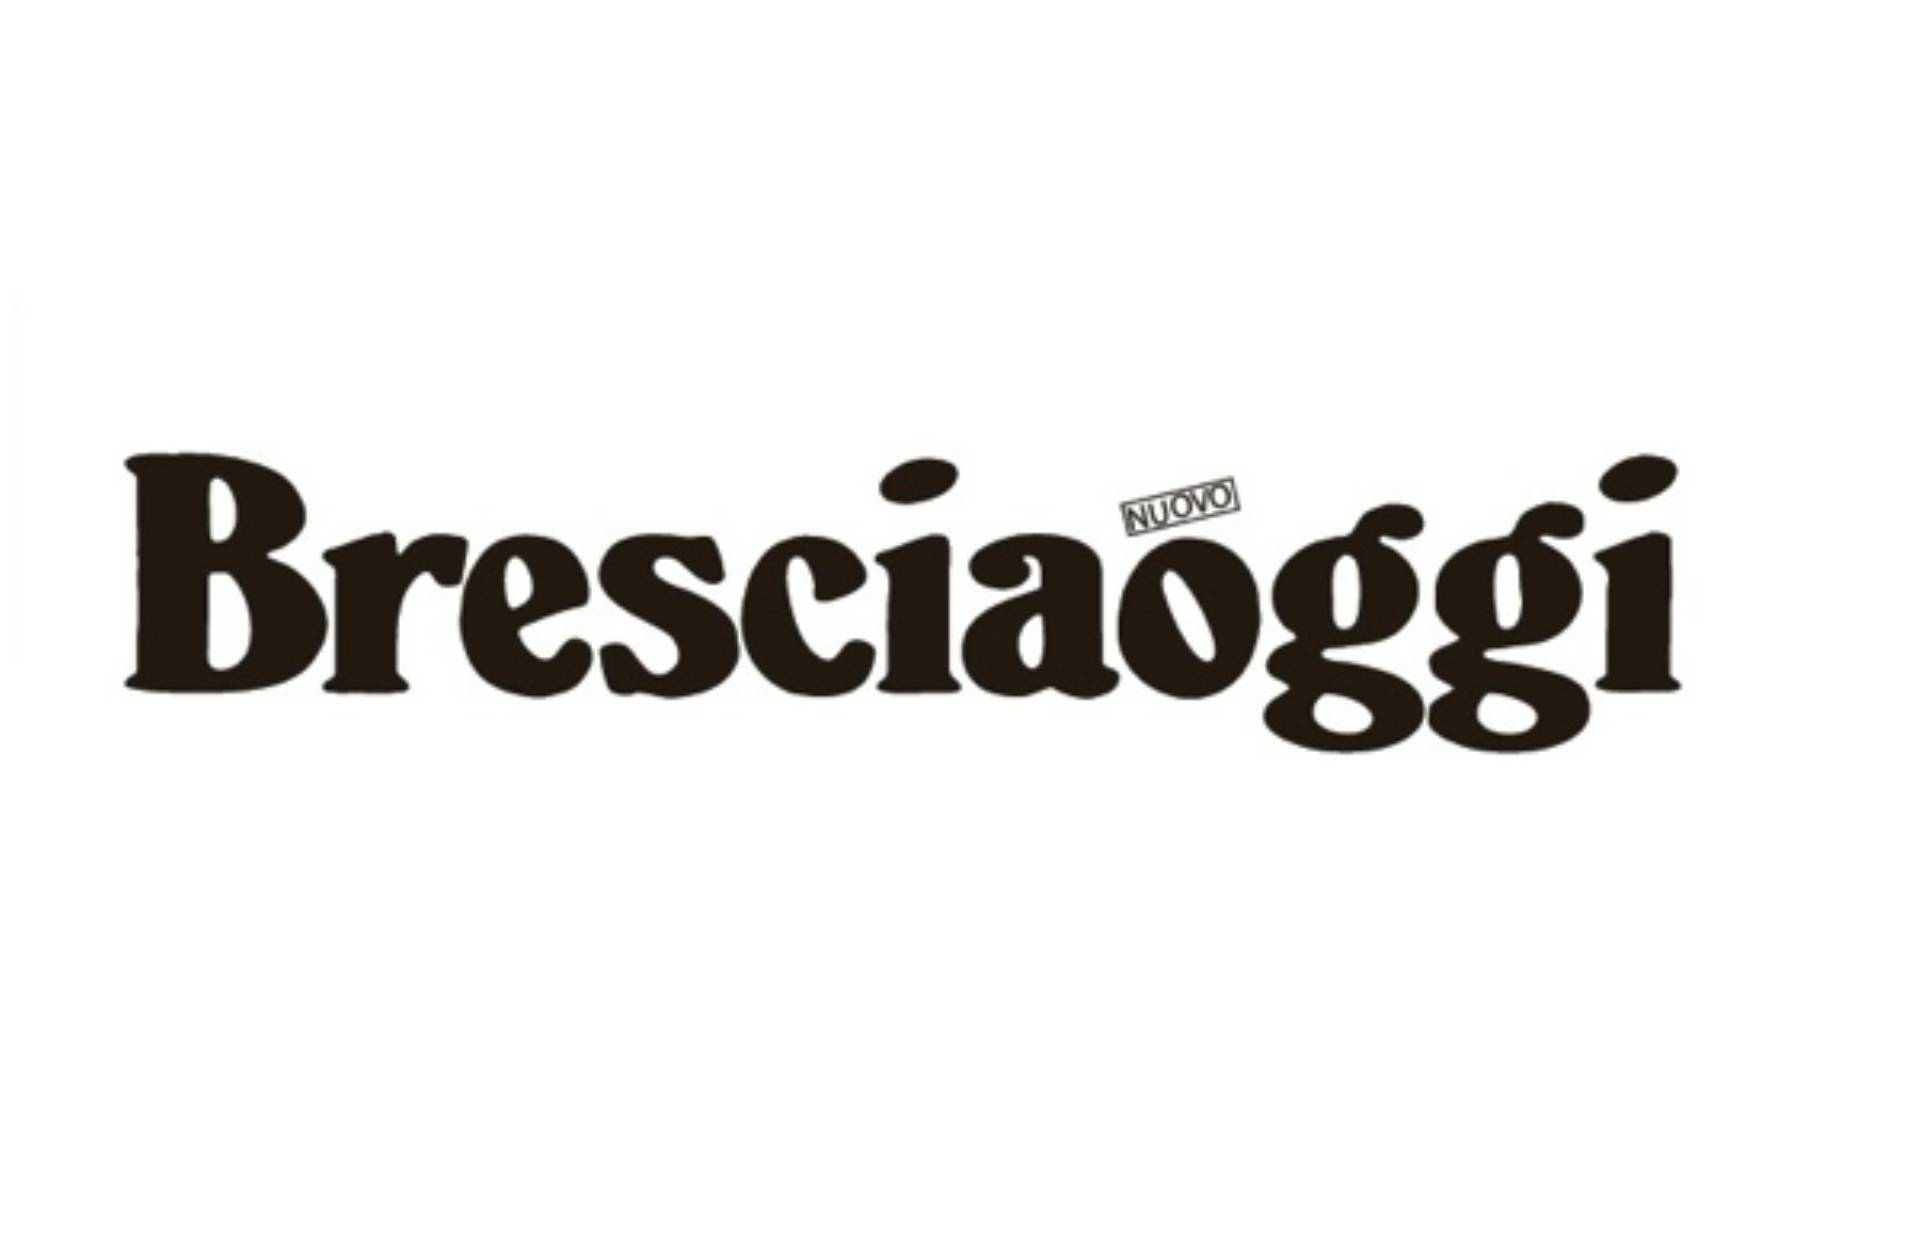 Abbaiare stanca vince il booktrailer film festival Junior - BresciaOggi